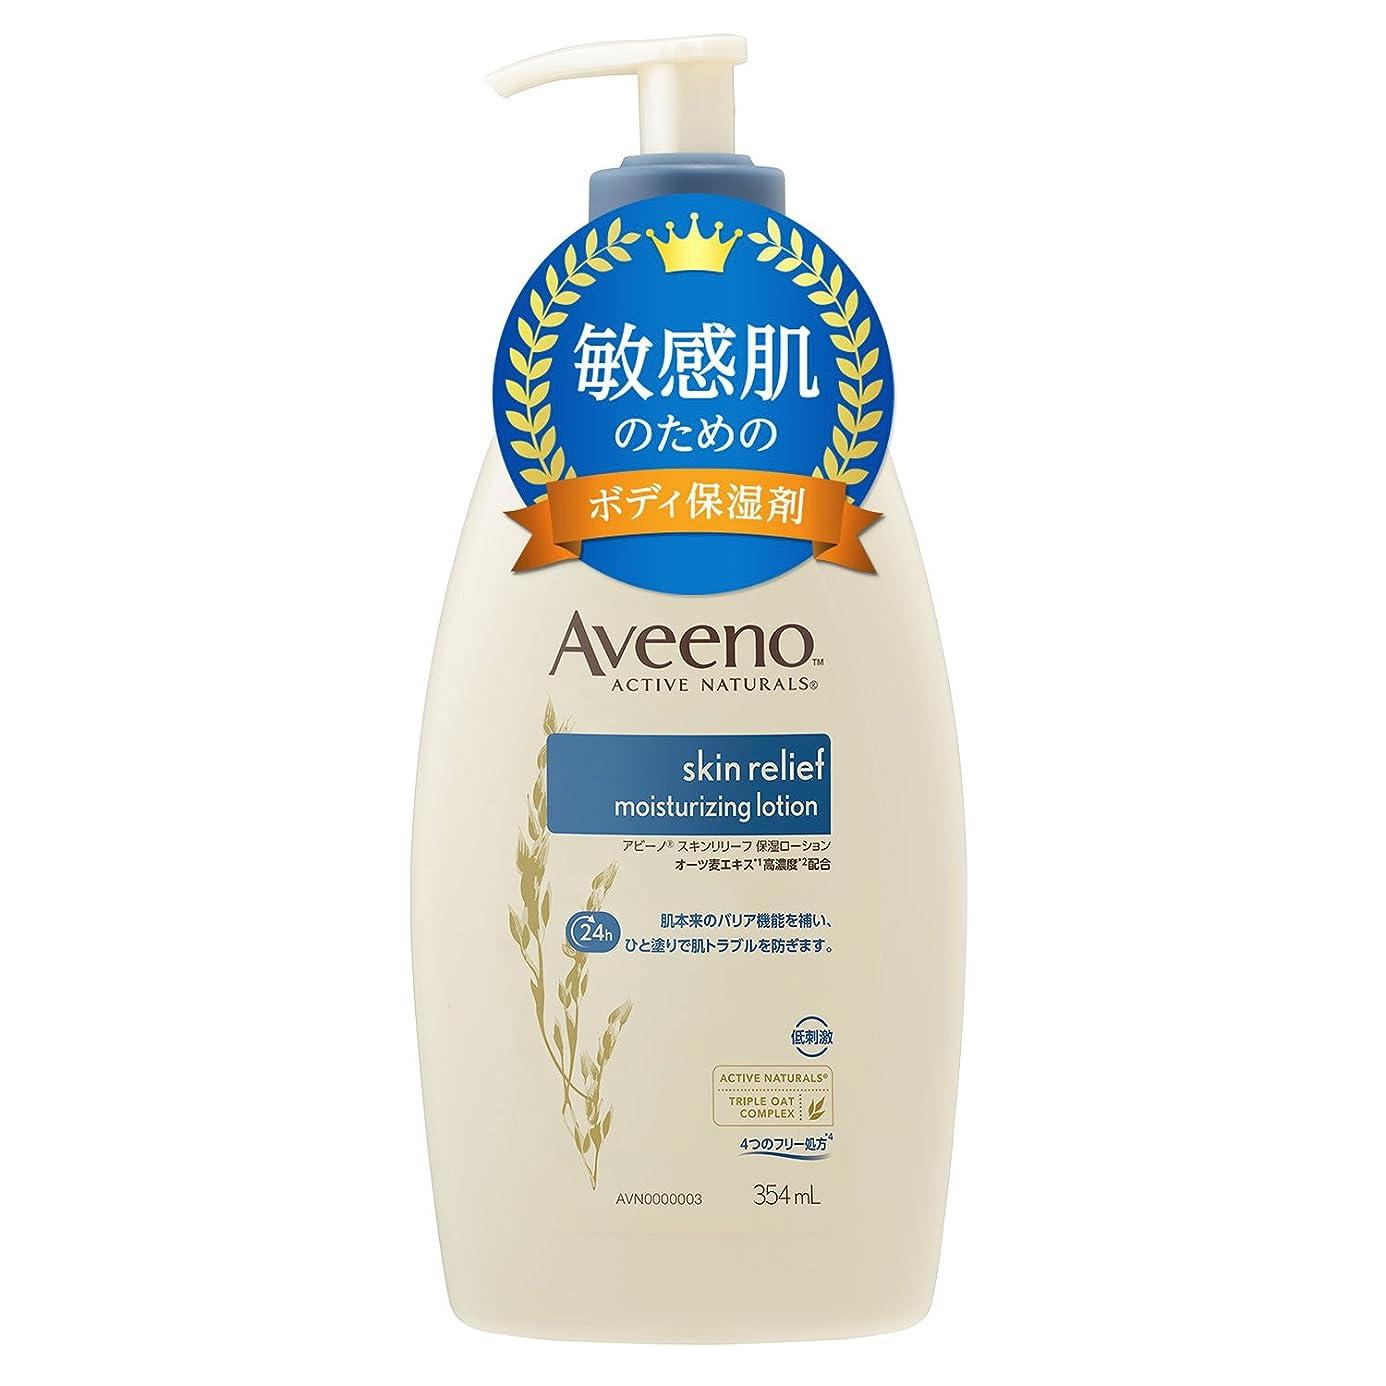 有効なじゃない重さ【Amazon.co.jp限定】Aveeno(アビーノ) スキンリリーフ 保湿ローション 354ml 【極度の乾燥肌、敏感肌の方向け】